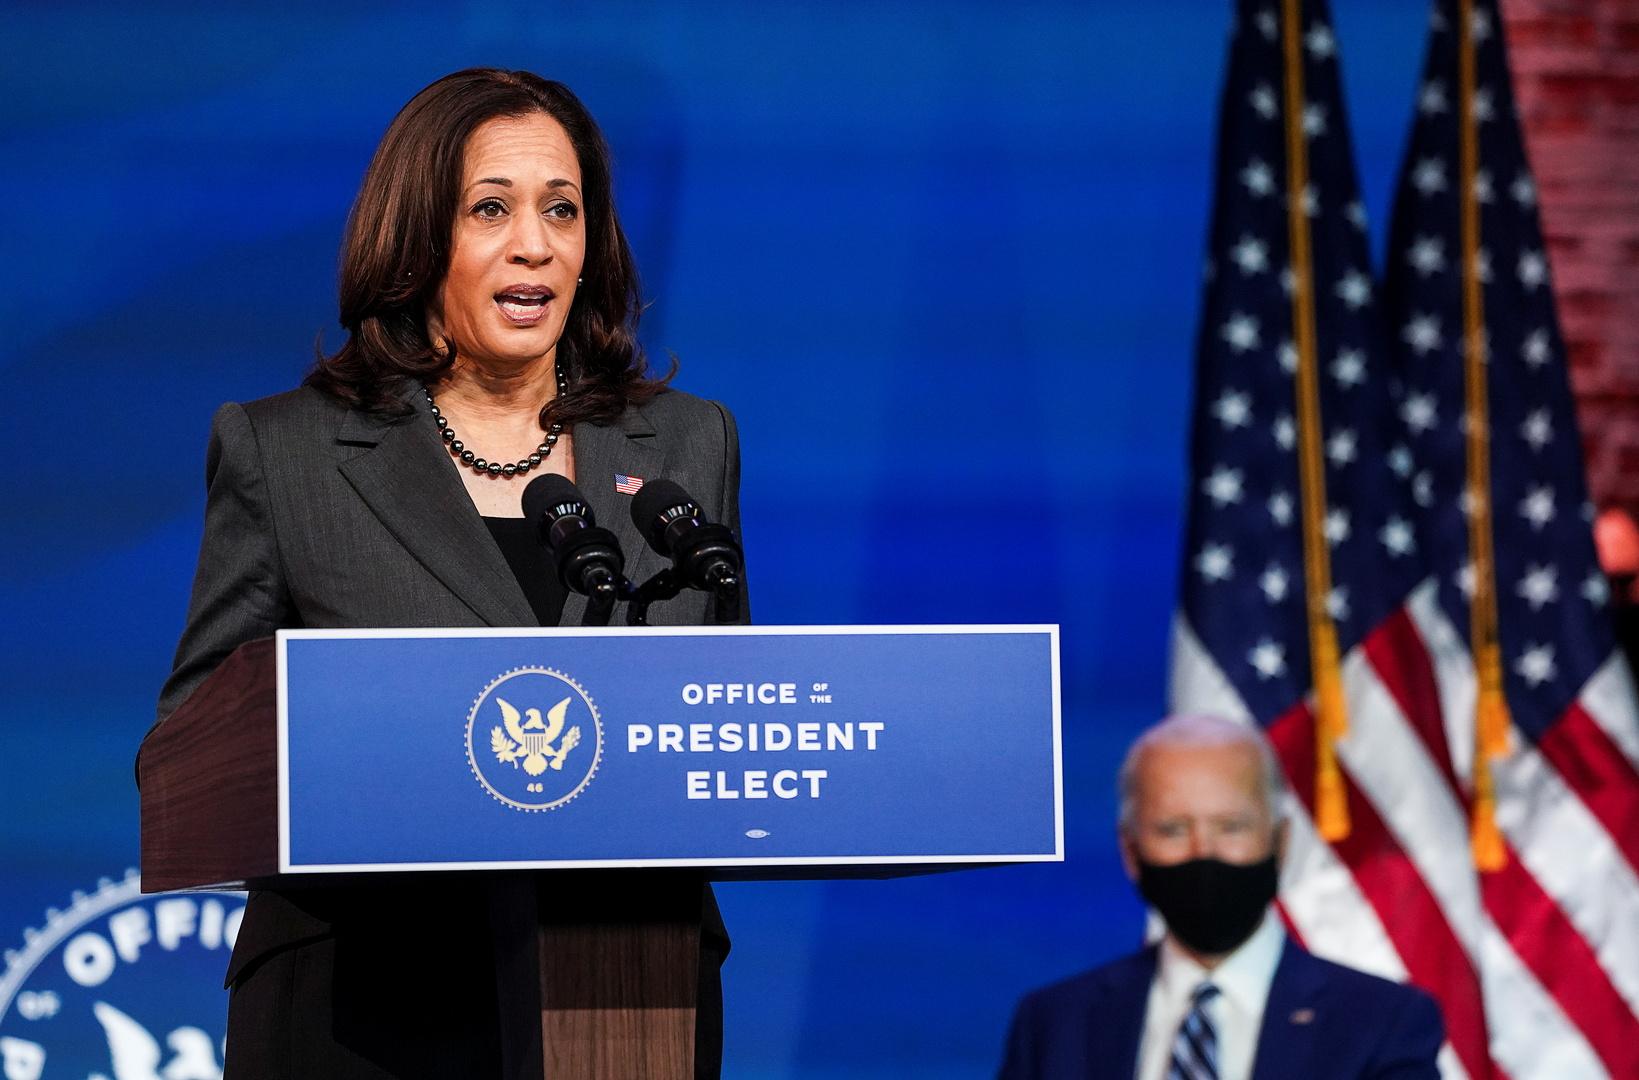 نائب الرئيس الأمريكي النتخب كامالا هاريس